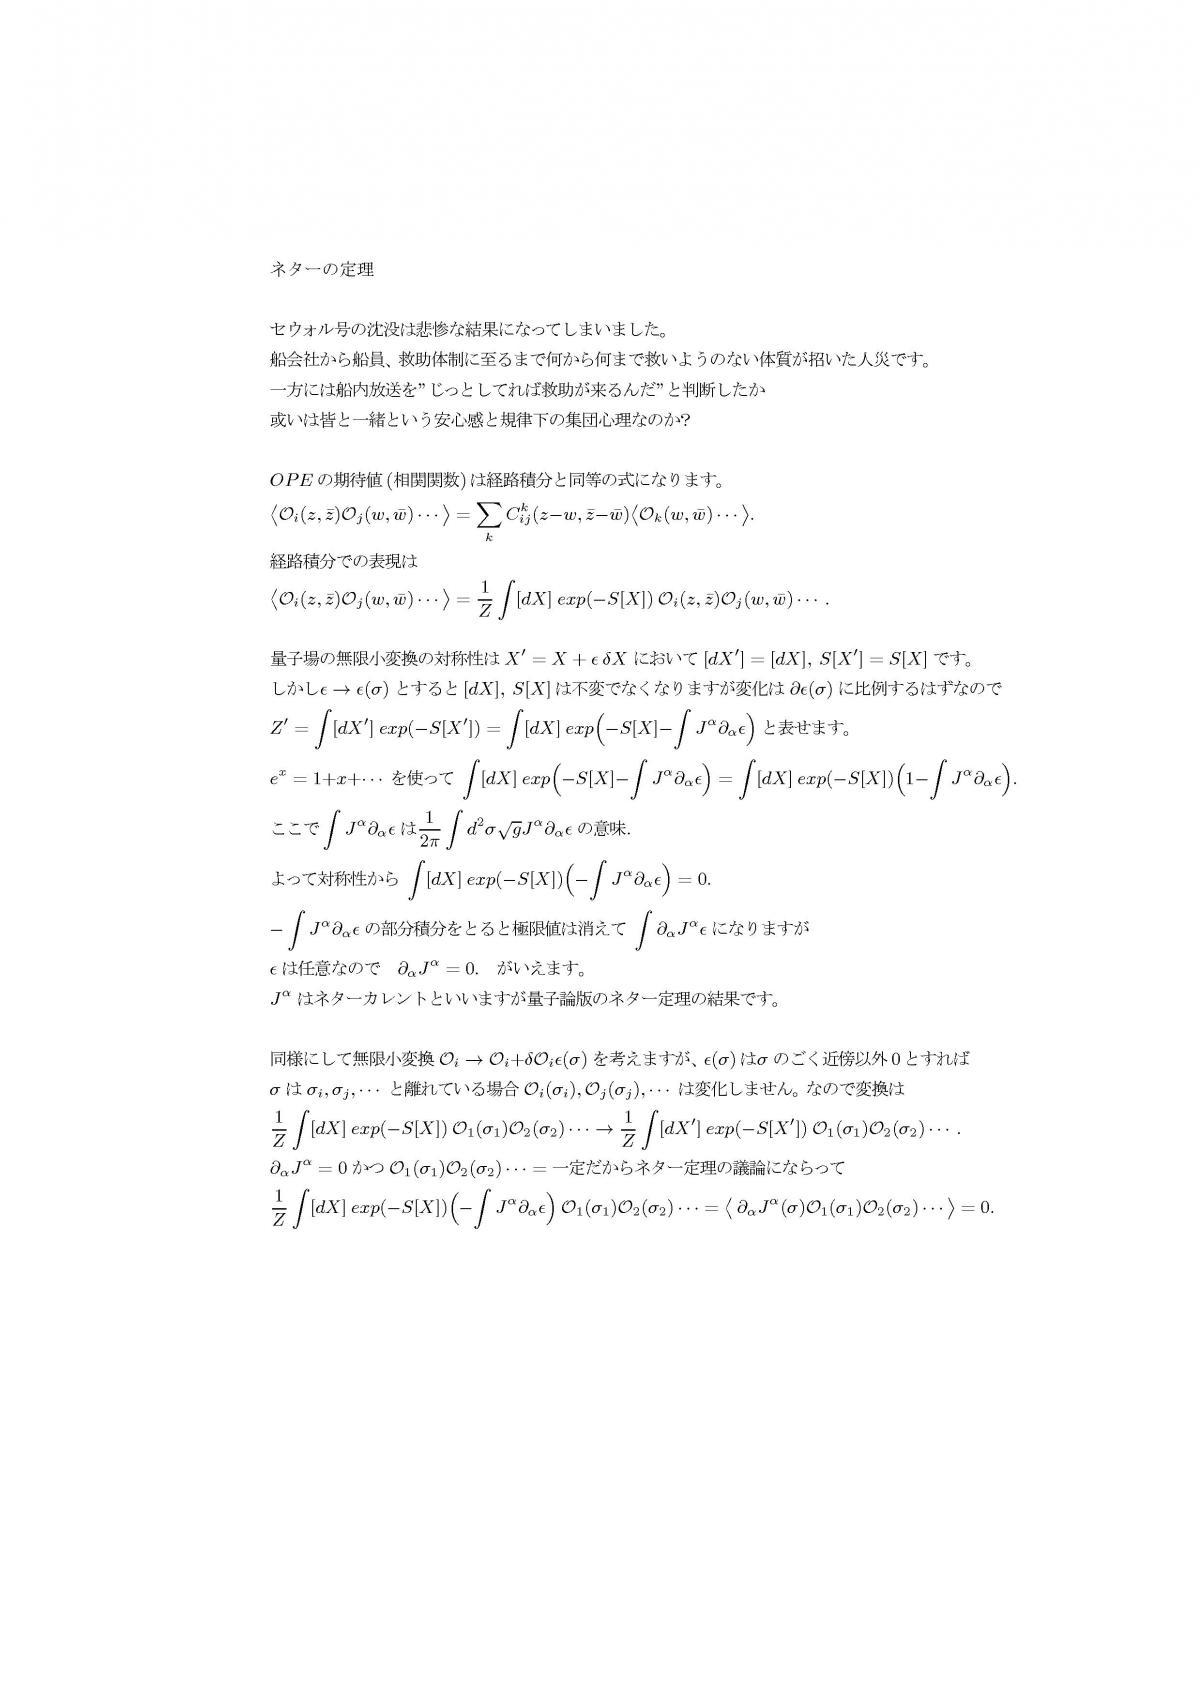 pgen21a.jpg